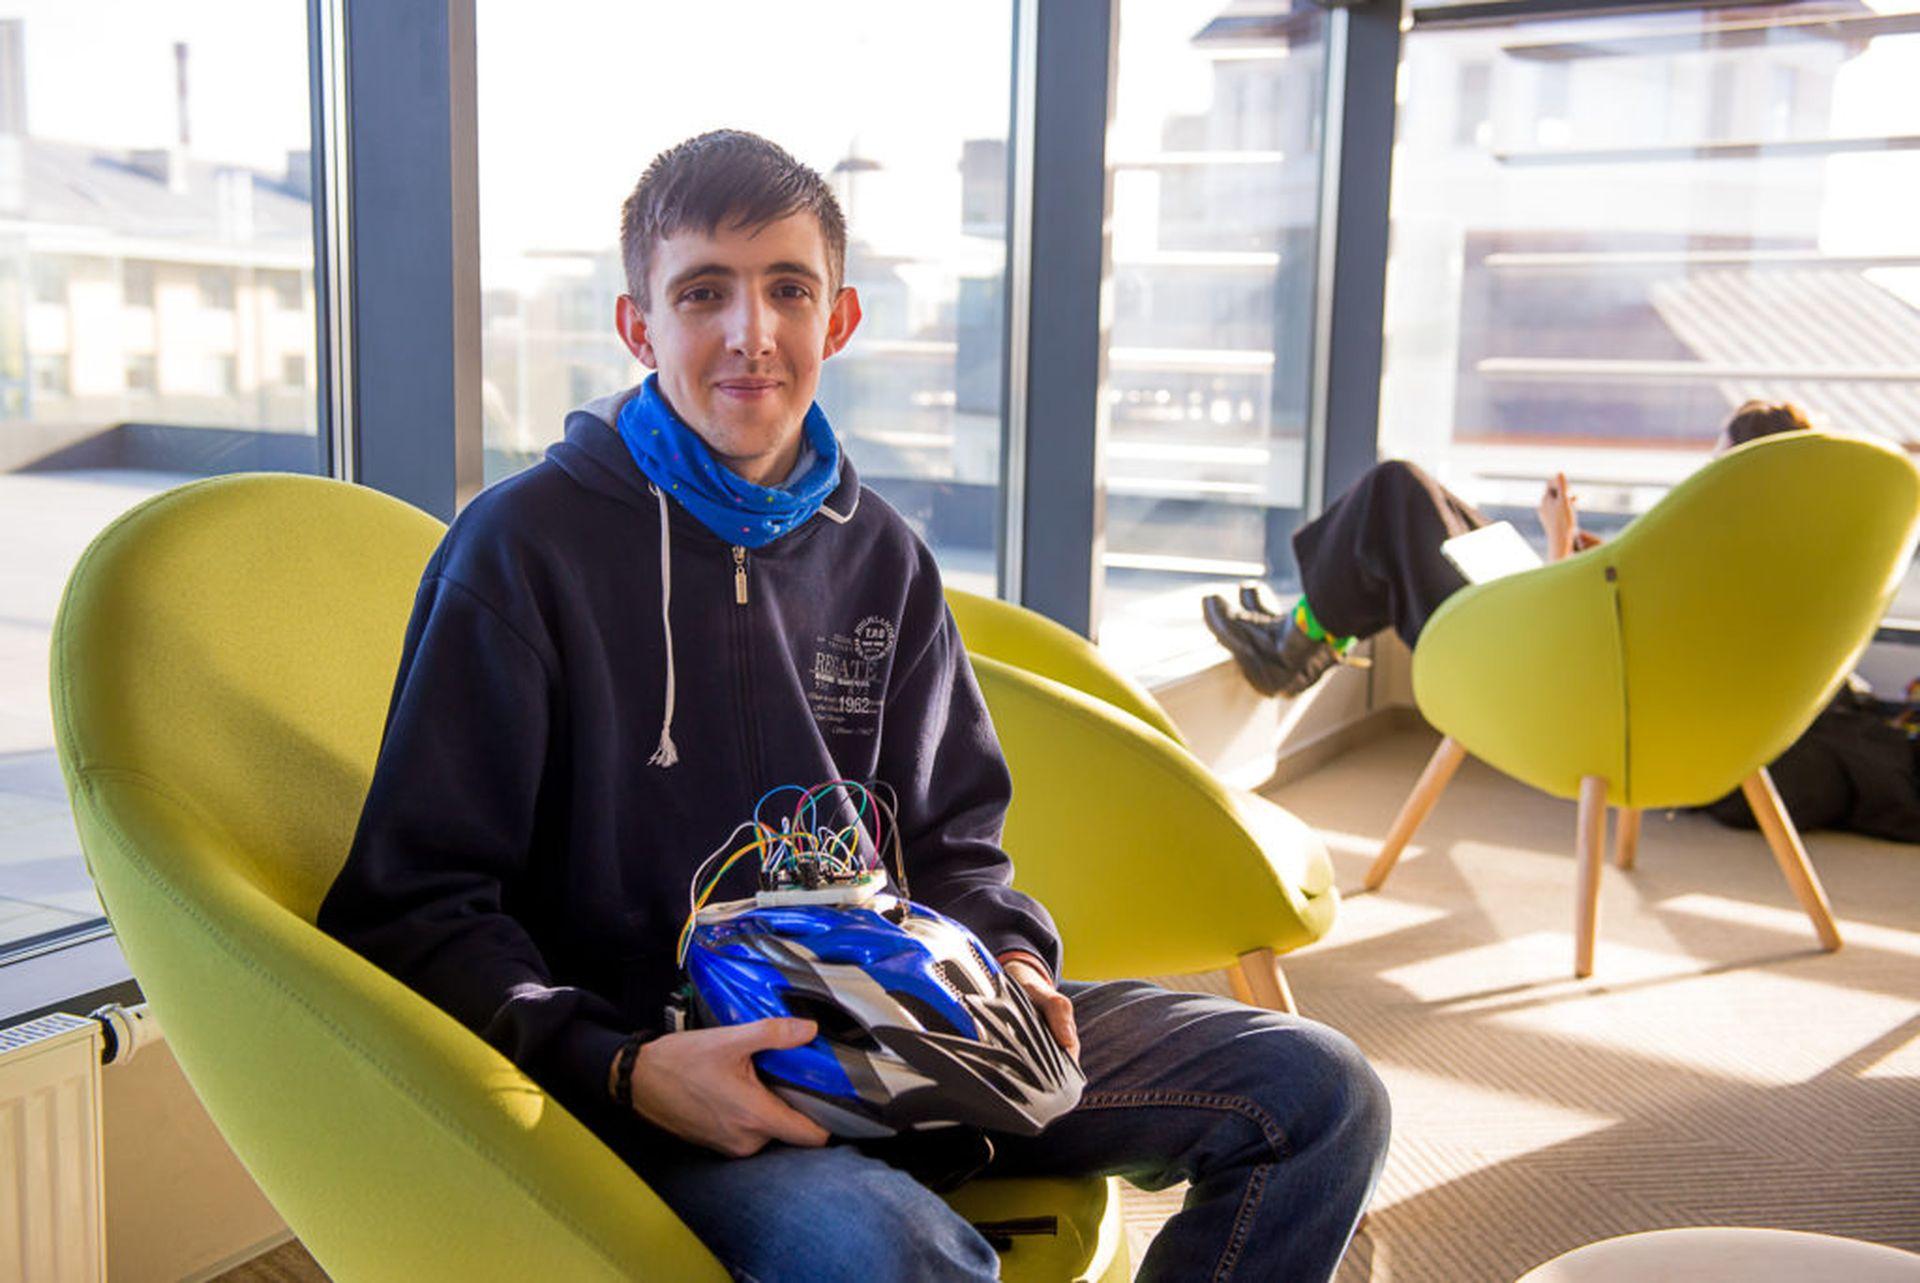 Ukraїnśkyj student prydumav smart-šolom dlja velosypedystiv